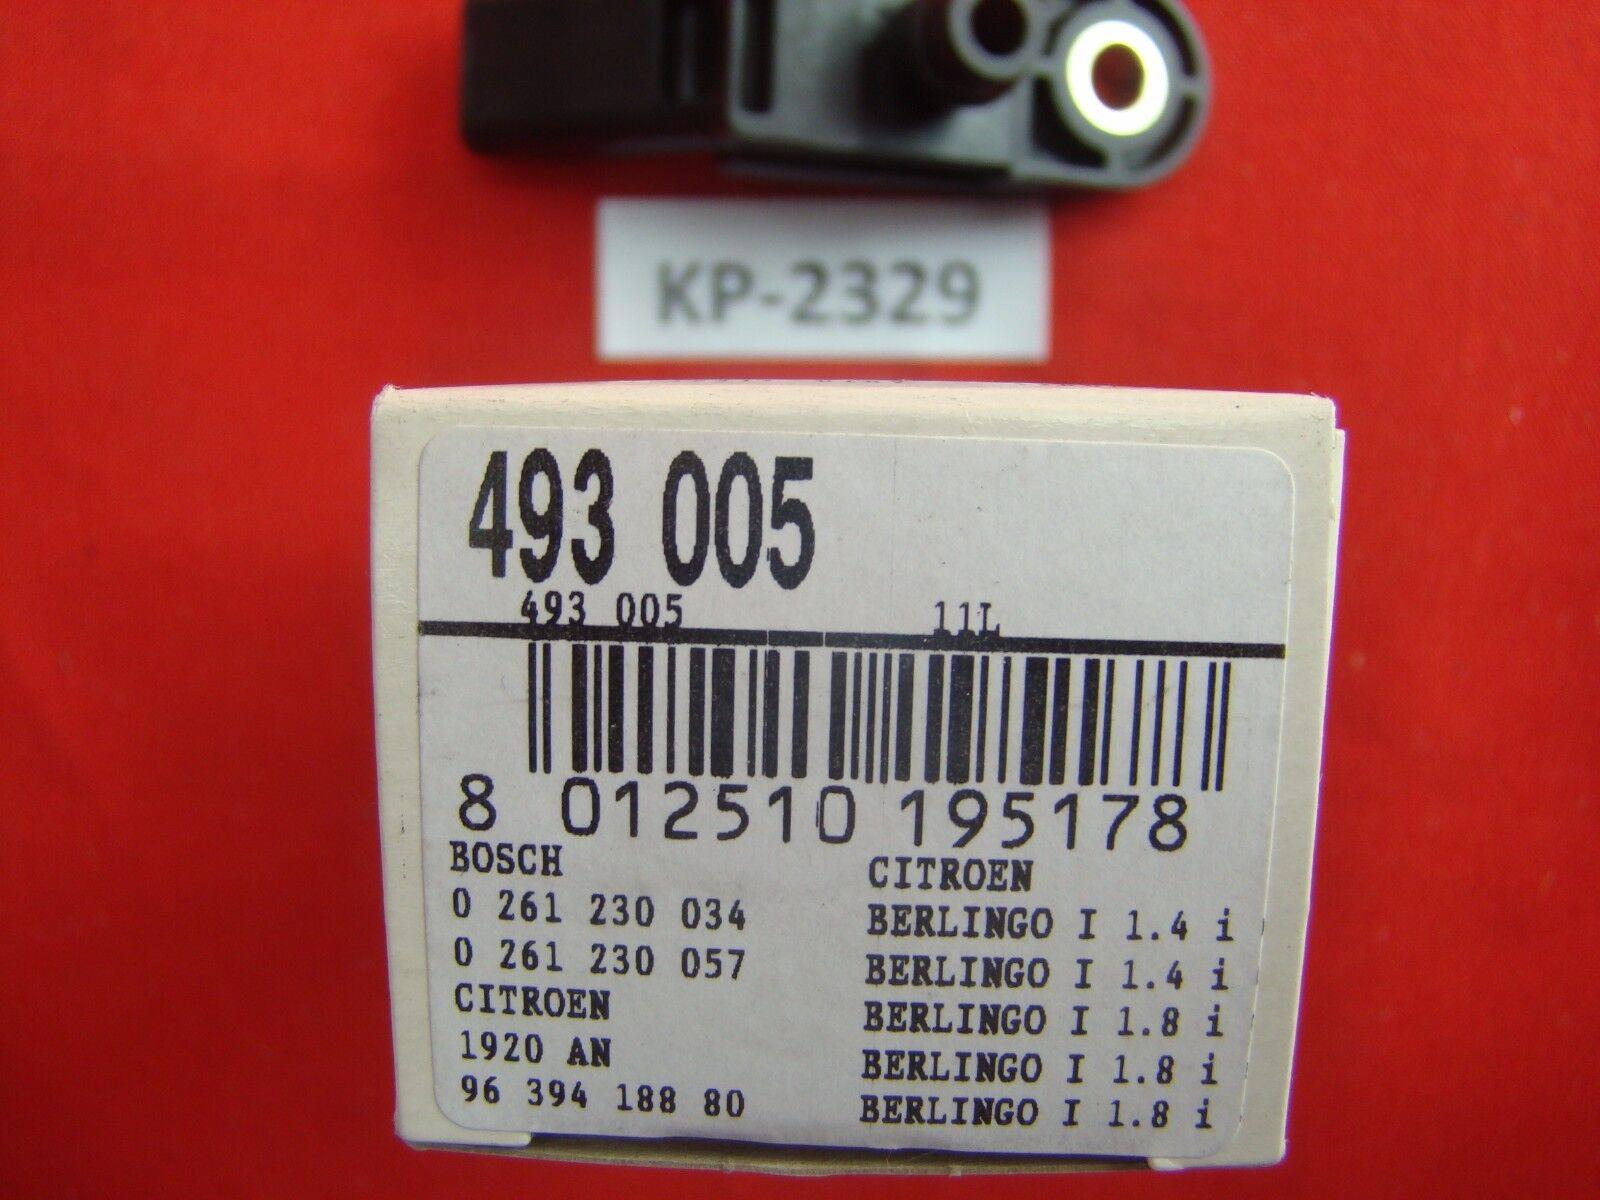 EPS 1.993.005 Einspritzanlage